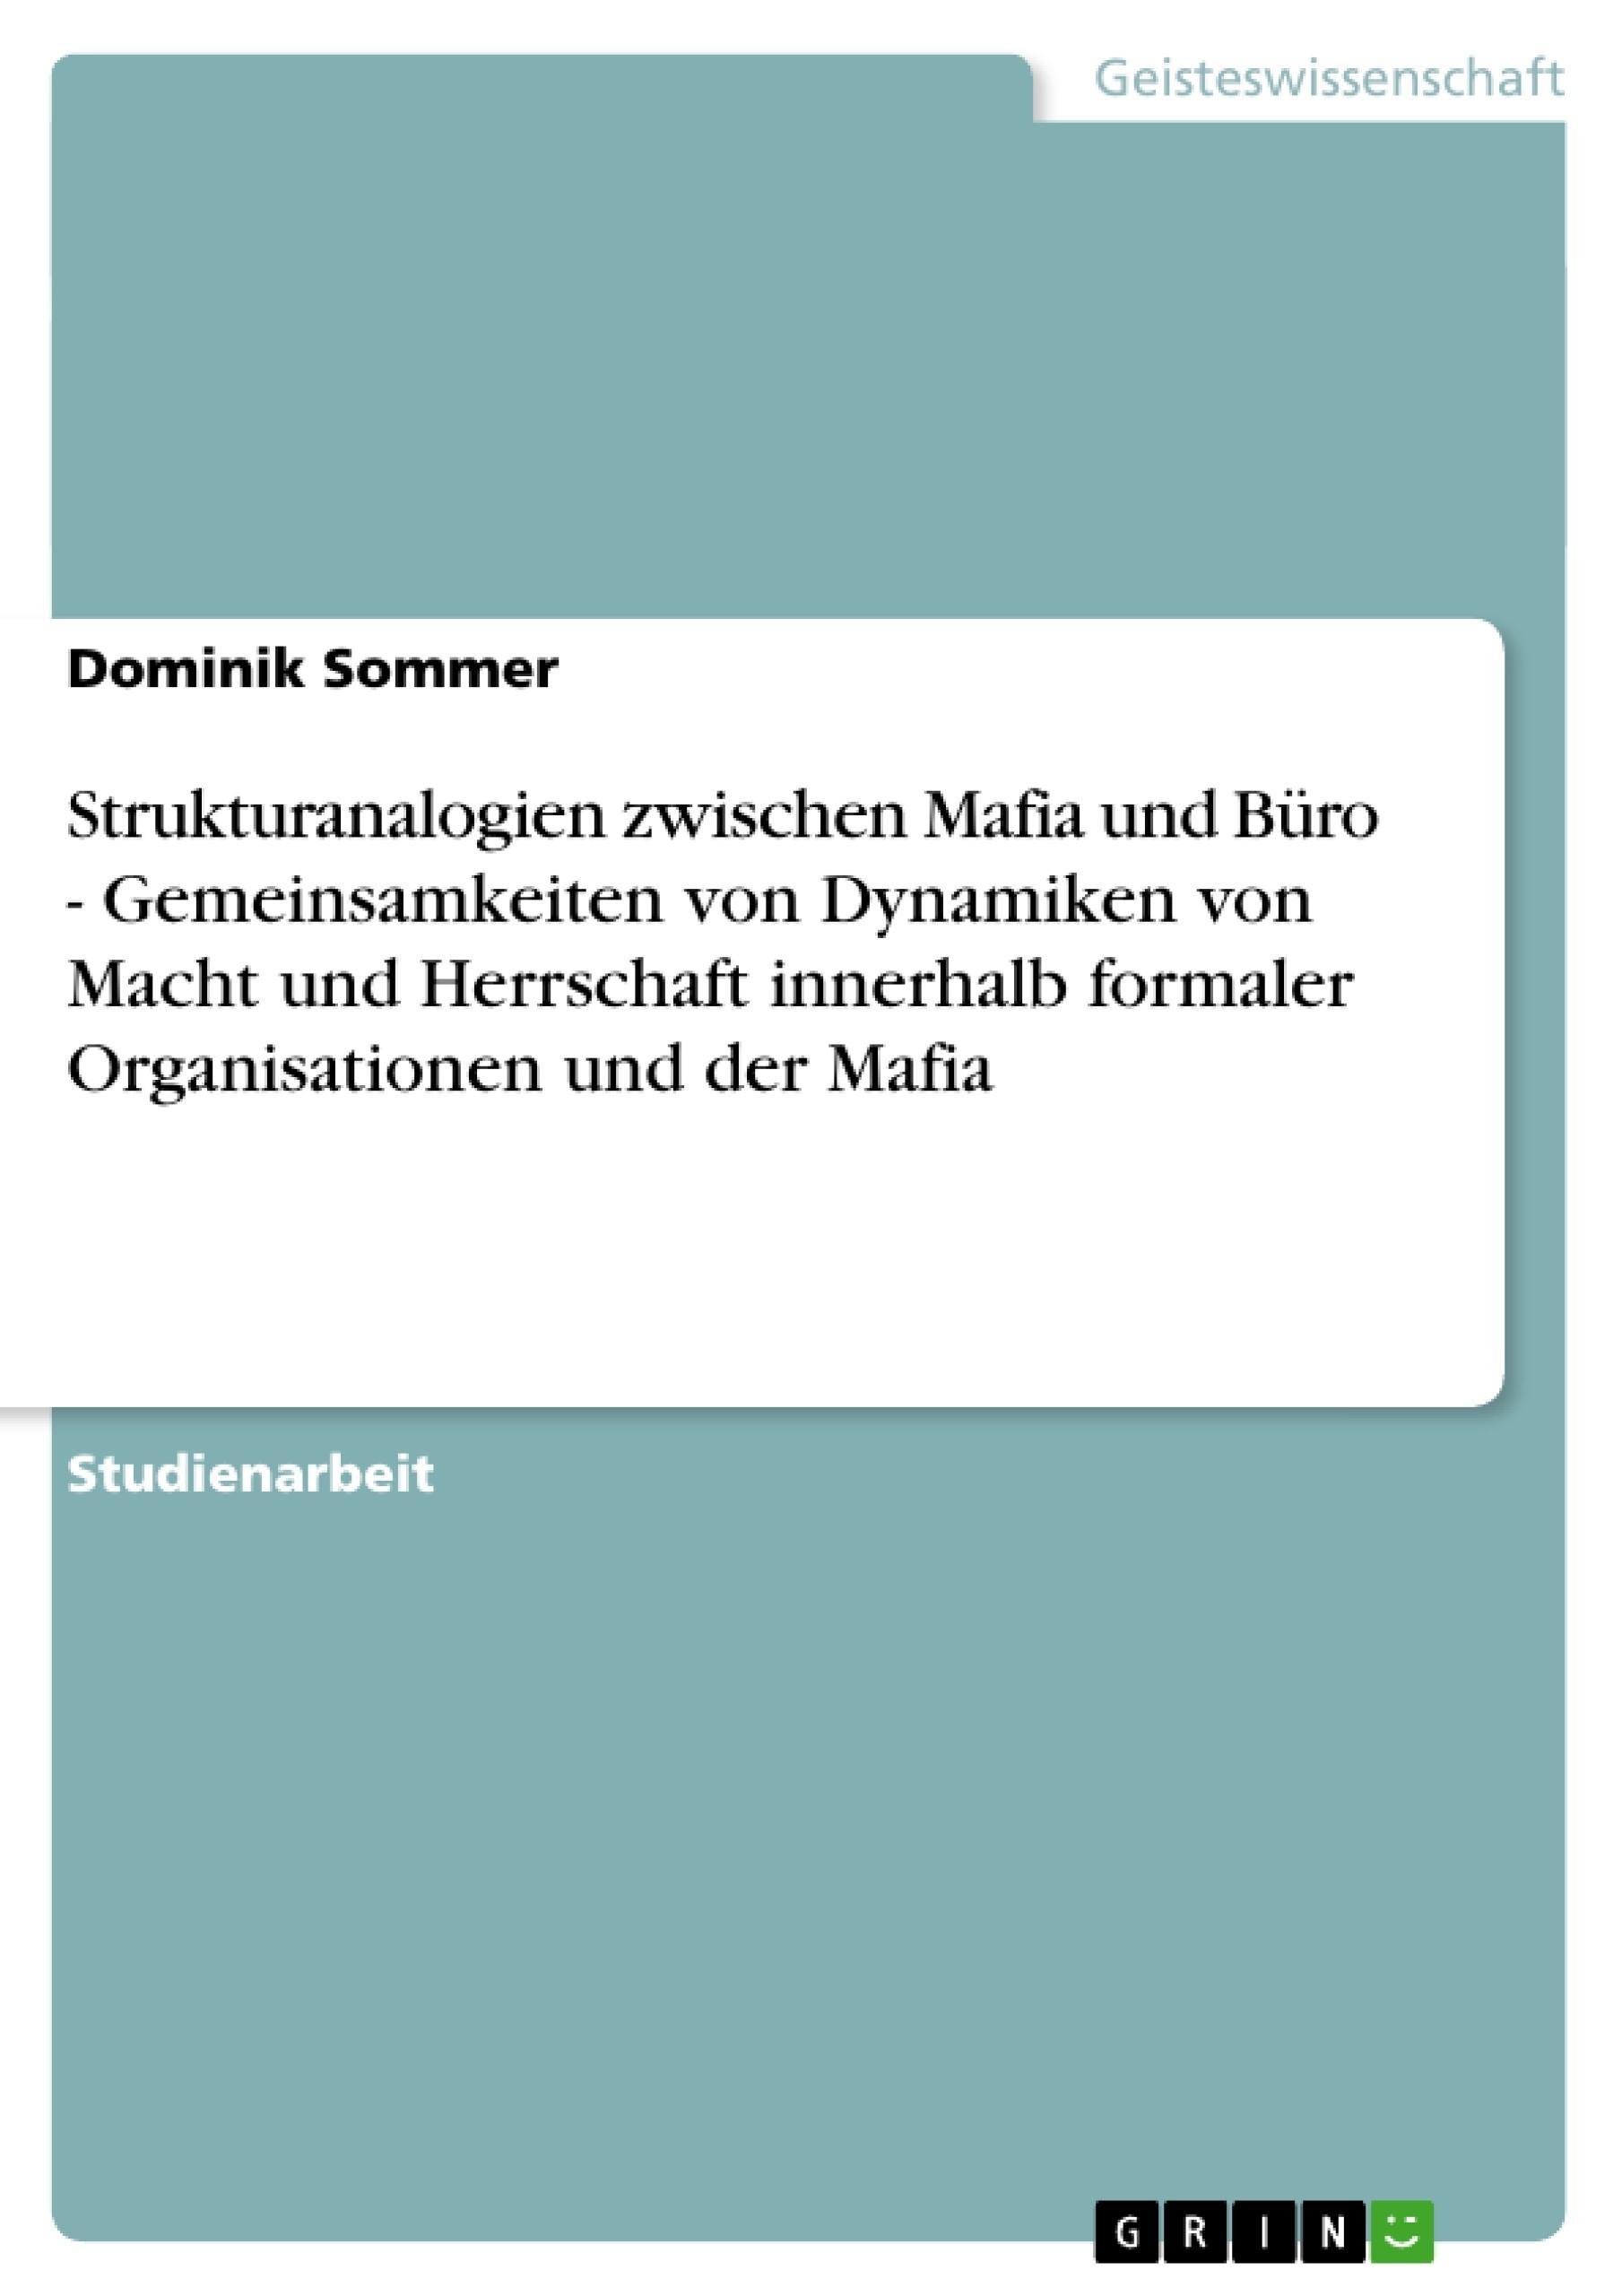 Titel: Strukturanalogien zwischen Mafia und Büro - Gemeinsamkeiten von Dynamiken von Macht und Herrschaft innerhalb formaler Organisationen und der Mafia